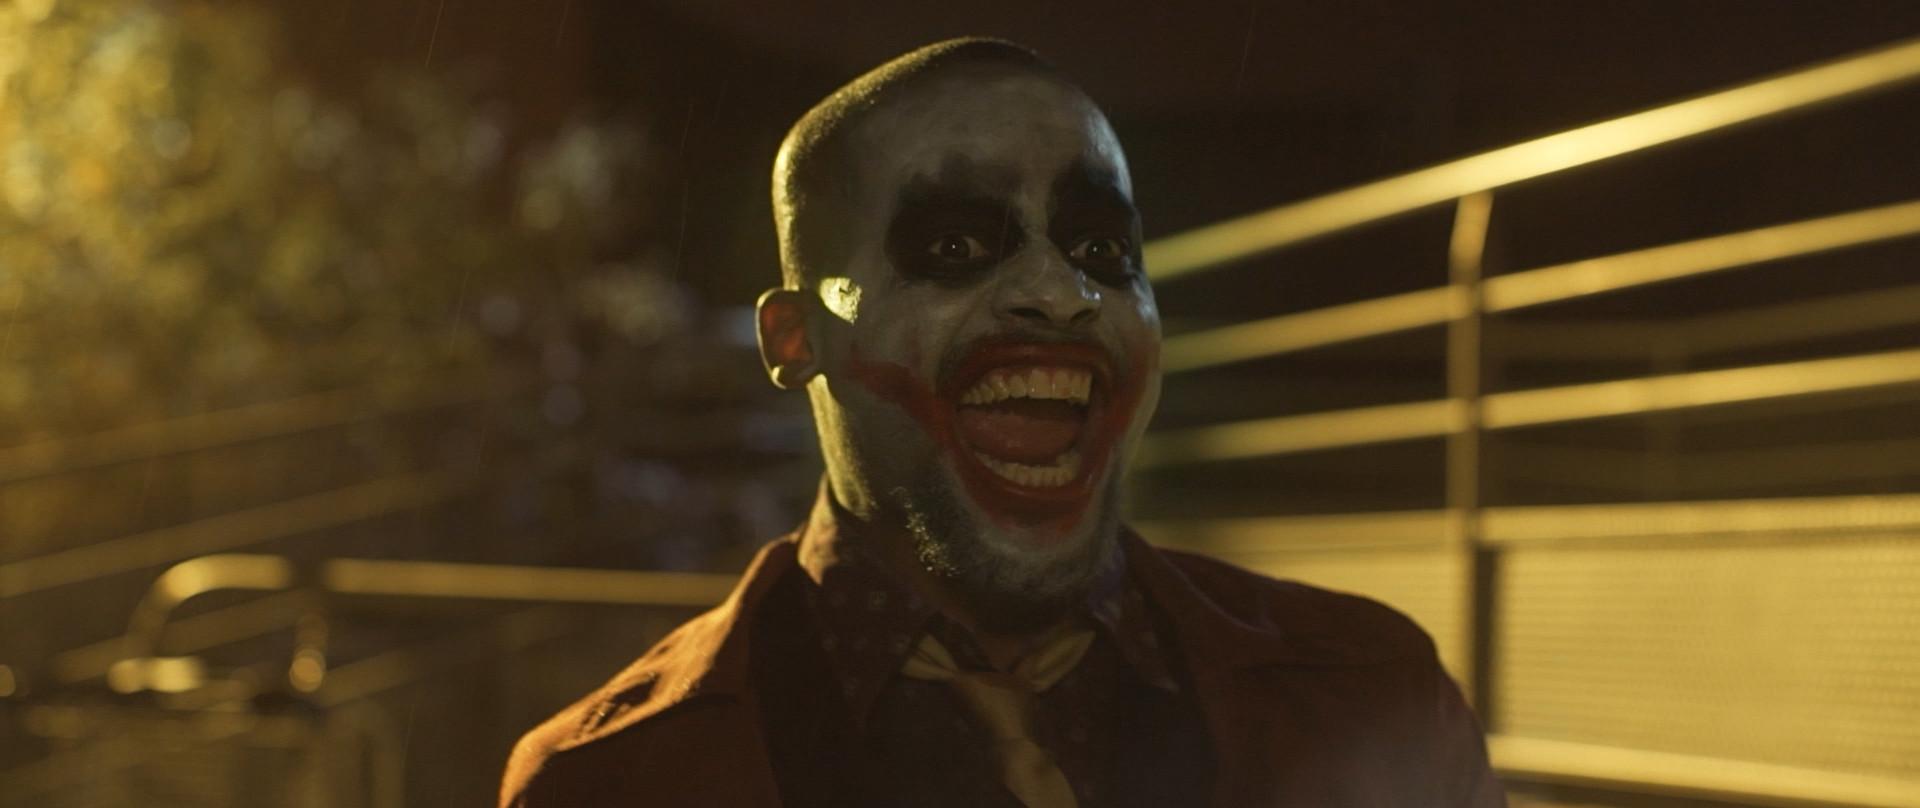 Le Joker (spin-off) - fan film_DC comics